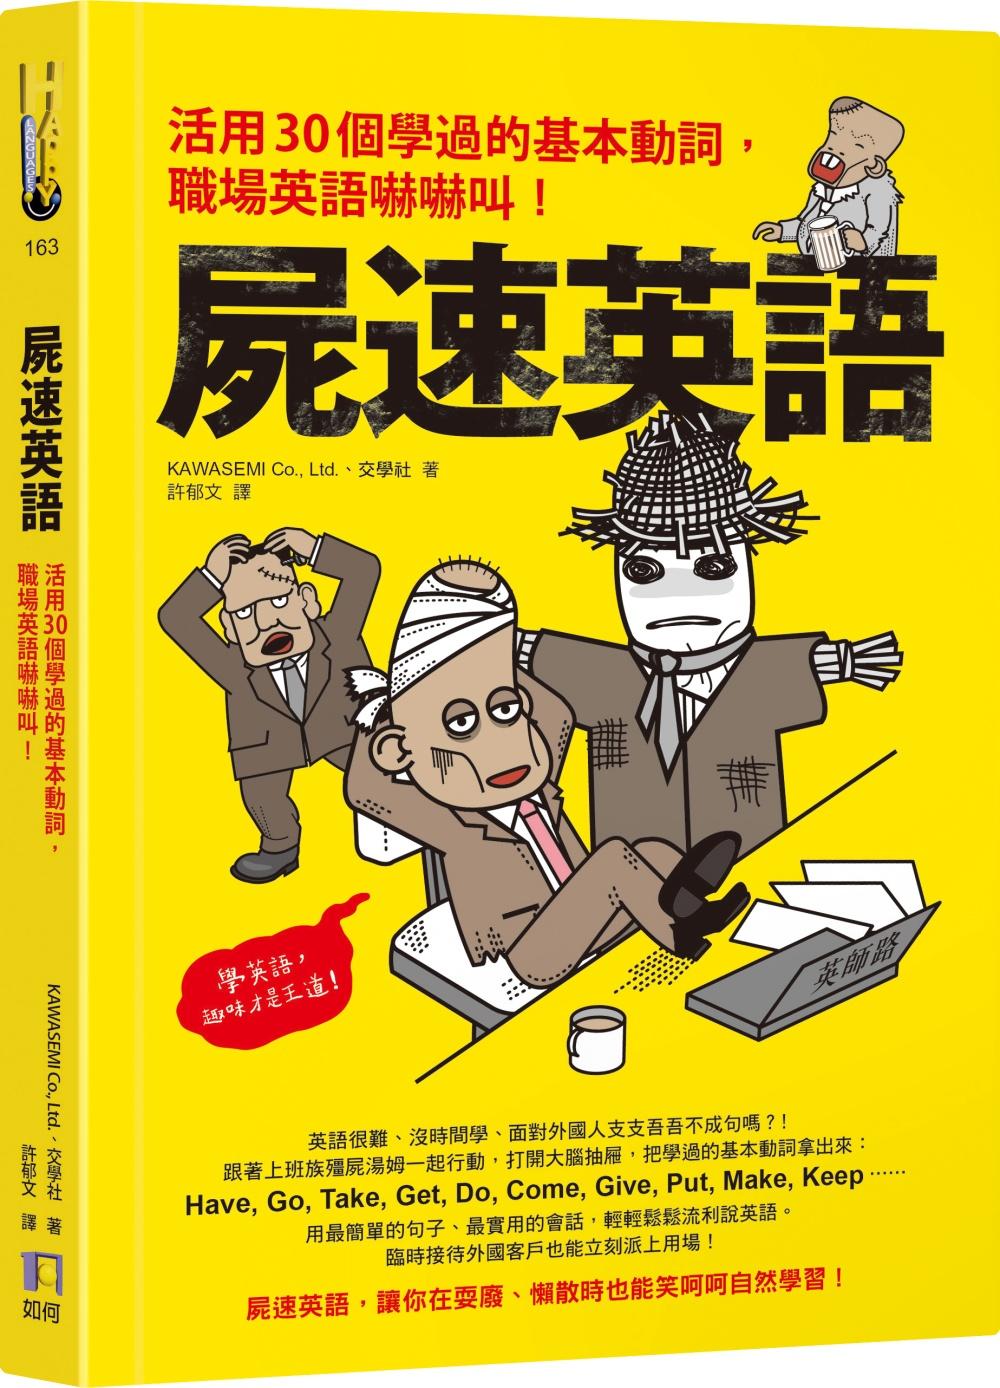 屍速英語:活用30個學過的基本動詞,職場英語嚇嚇叫!